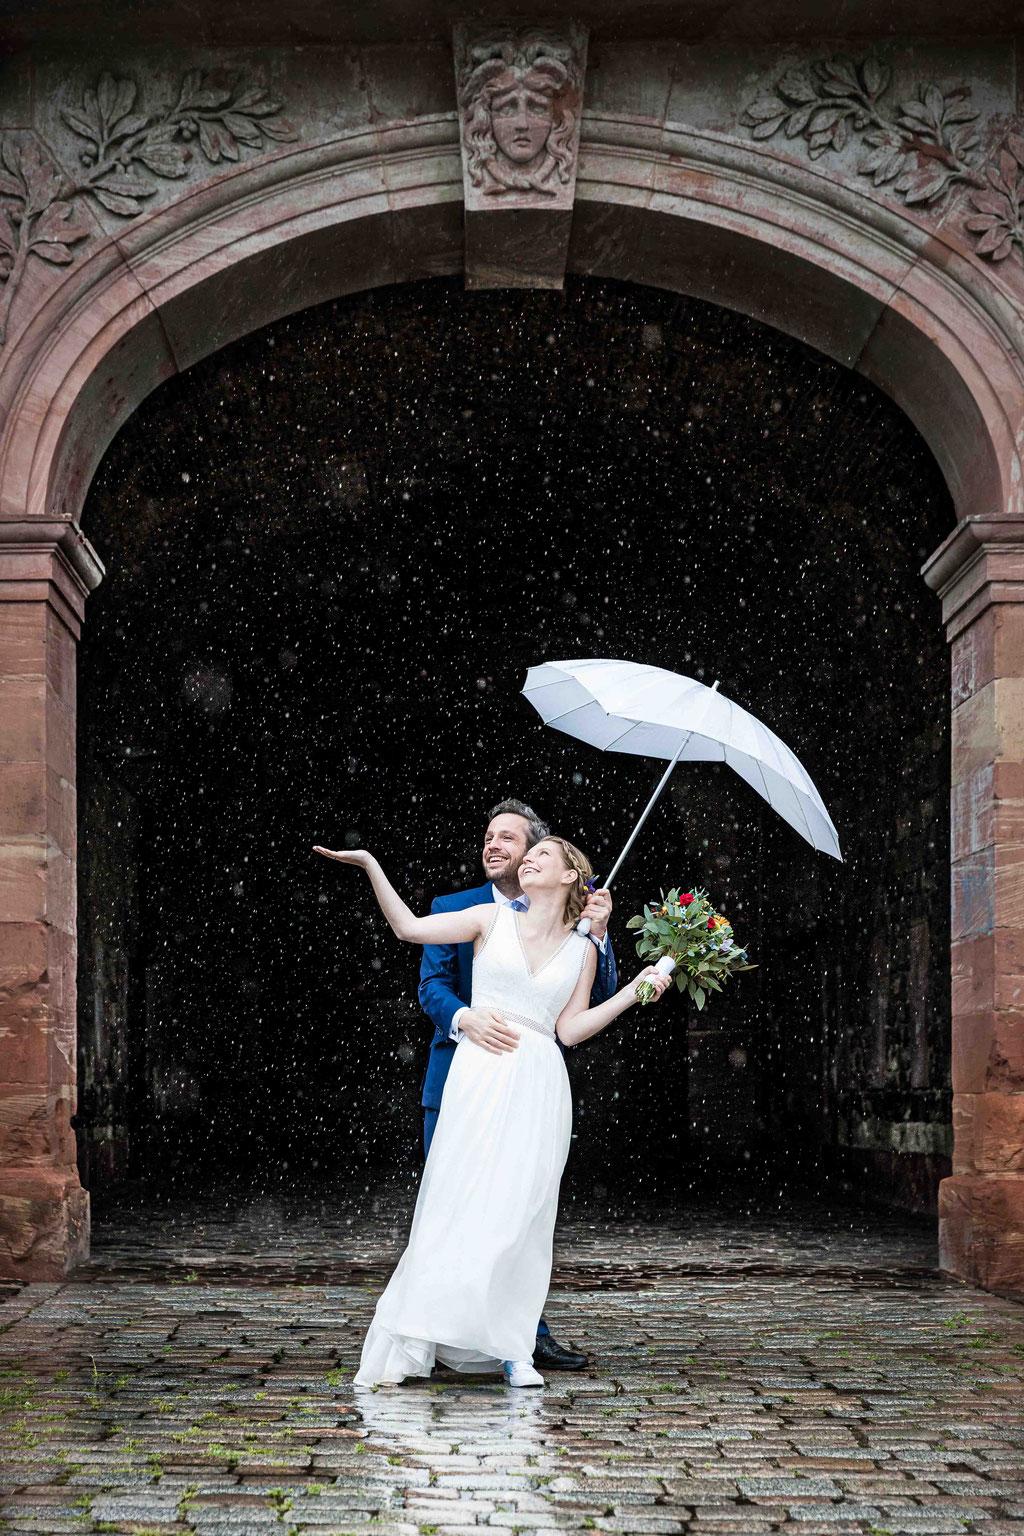 Regenfotos mit Brautpaar, Regenfotos an der Reduit mit Hochzeitspaar, Hochzeit im Regen, Hochzeit Reduit Mainz-Kastel Wiesbaden, Hochzeitsfotos im Regen, Hochzeitsbilder bei Regen, Hochzeitsfotograf Mainz-Kastel Reduit, Standesamt Mainz-Kastel